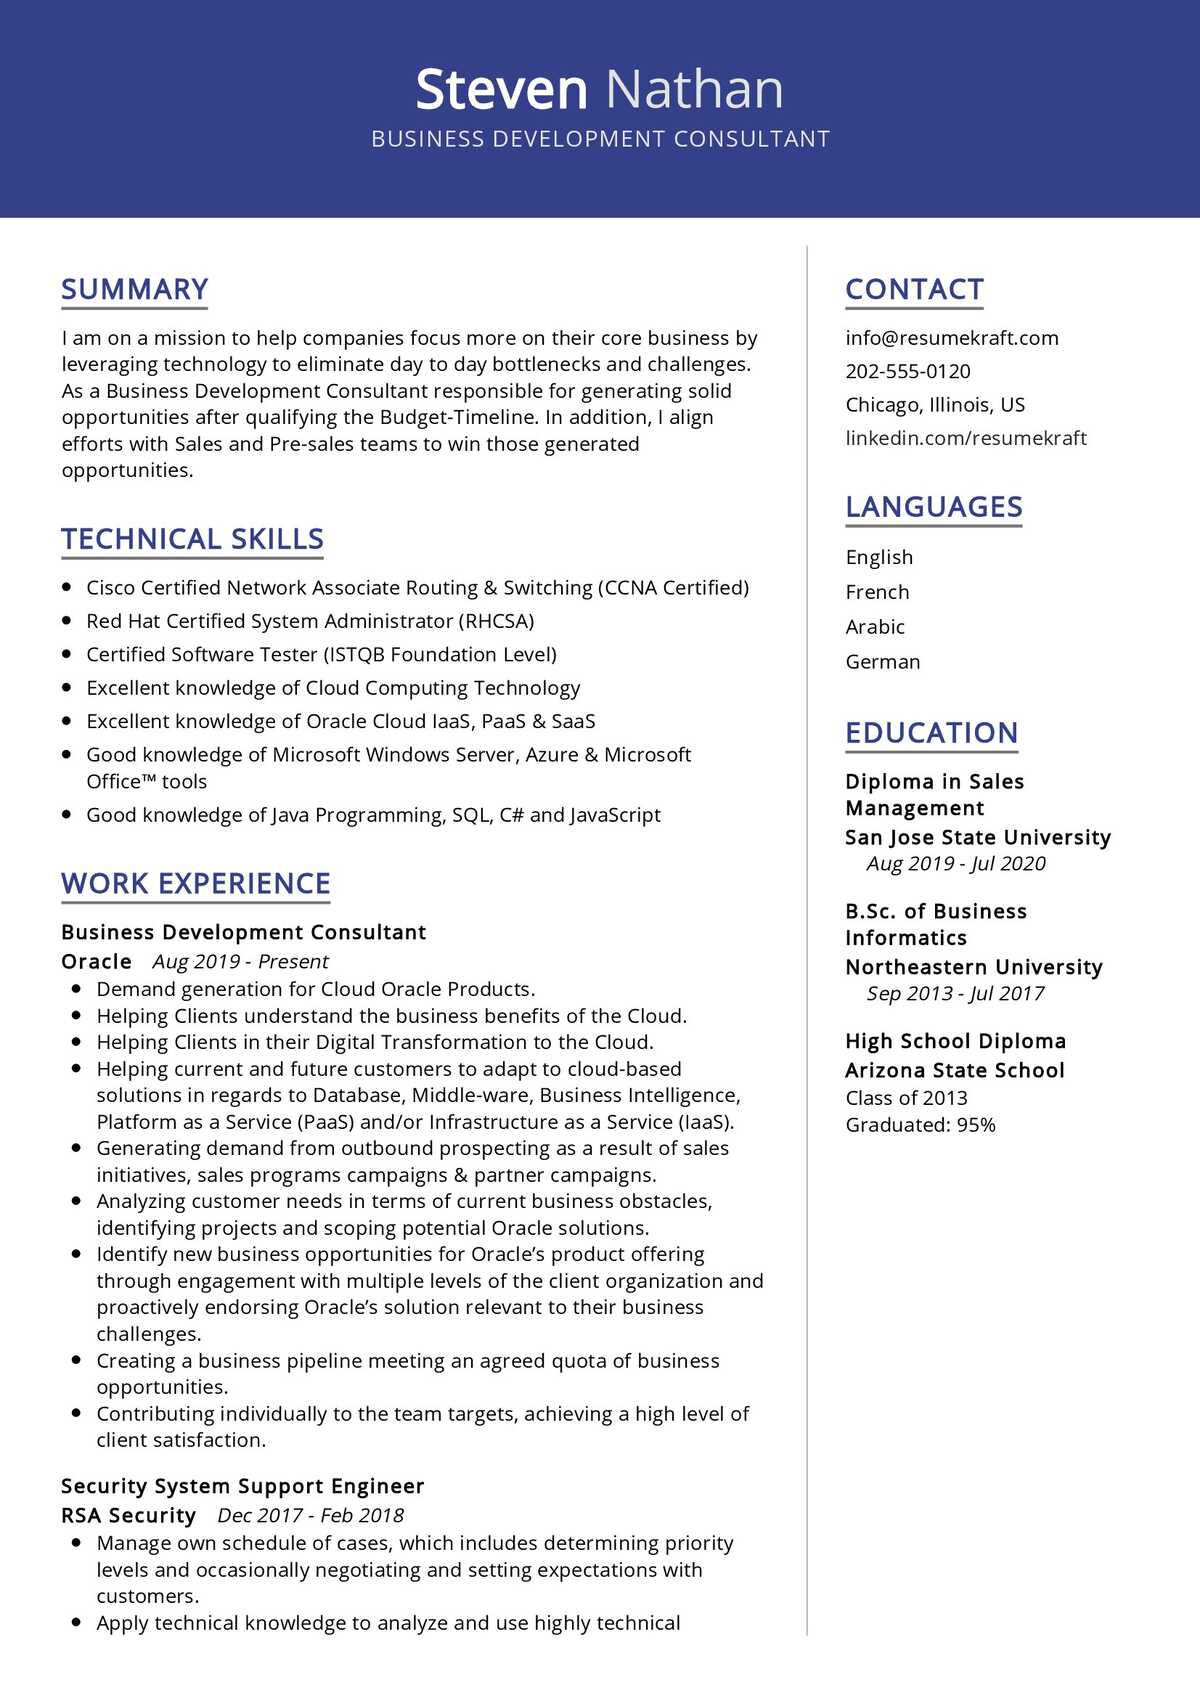 Business Development Consultant CV Sample - ResumeKraft